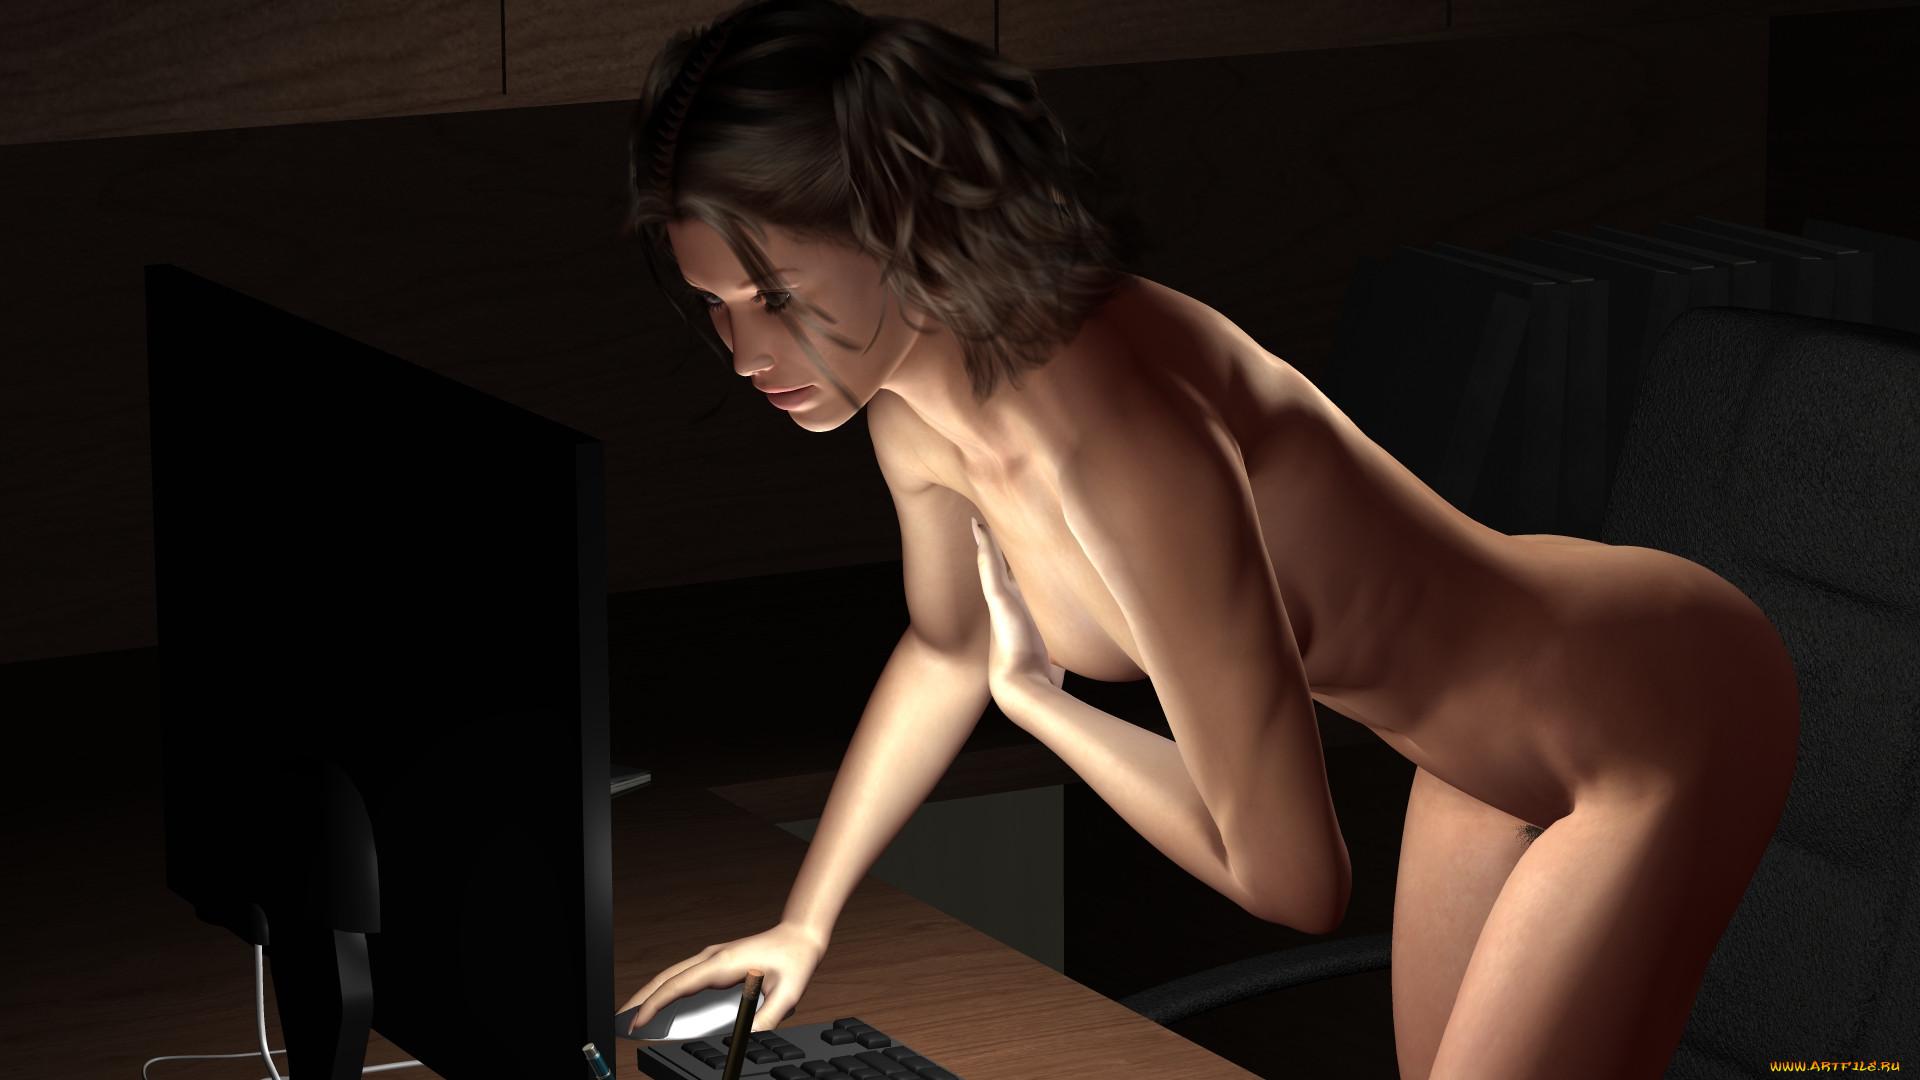 Широкоформатные обои на рабочий стол высокого качества девушки эротика